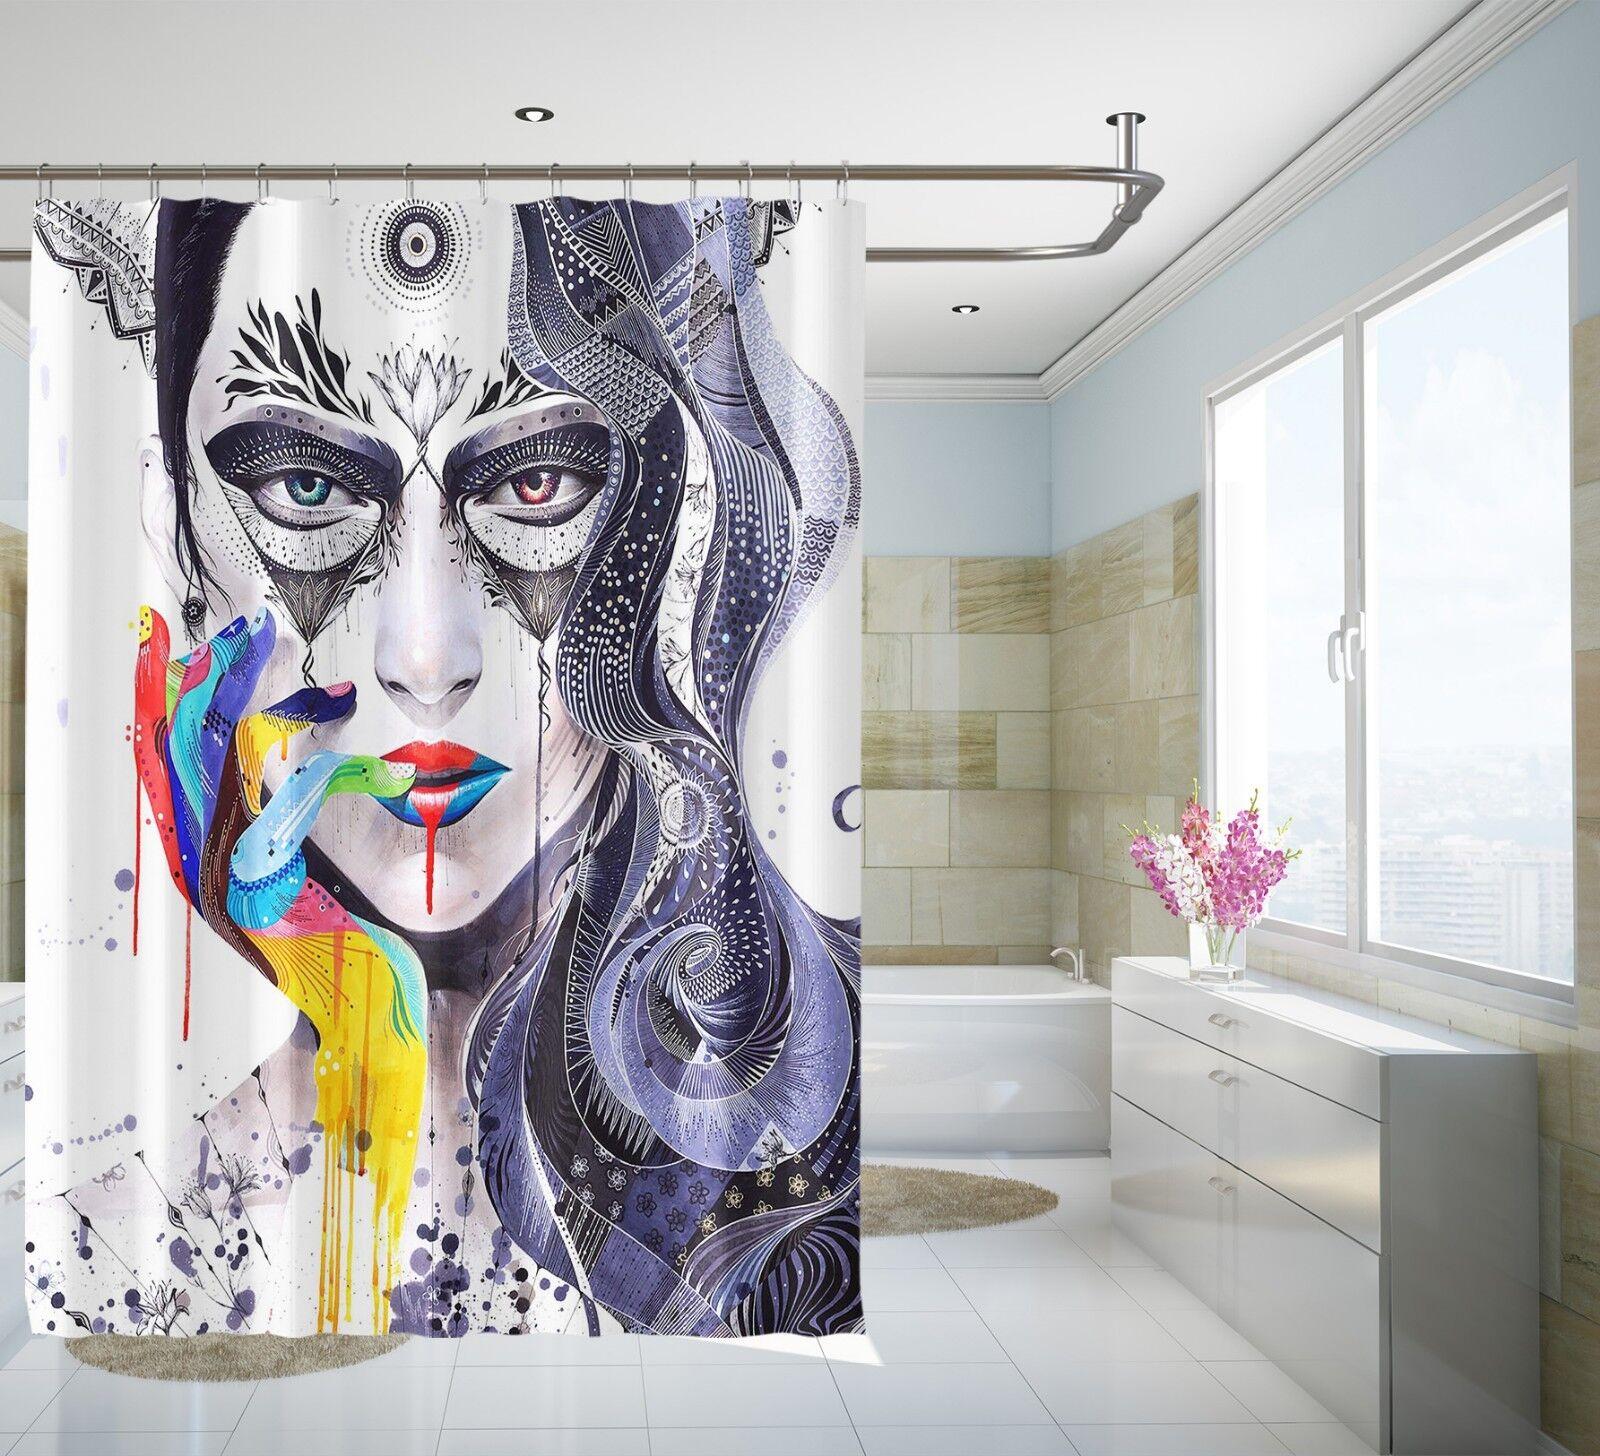 3D Couleuré Visage 41 Rideau de Douche Imperméable Fibre Salle de Bain Home Windows Toilette